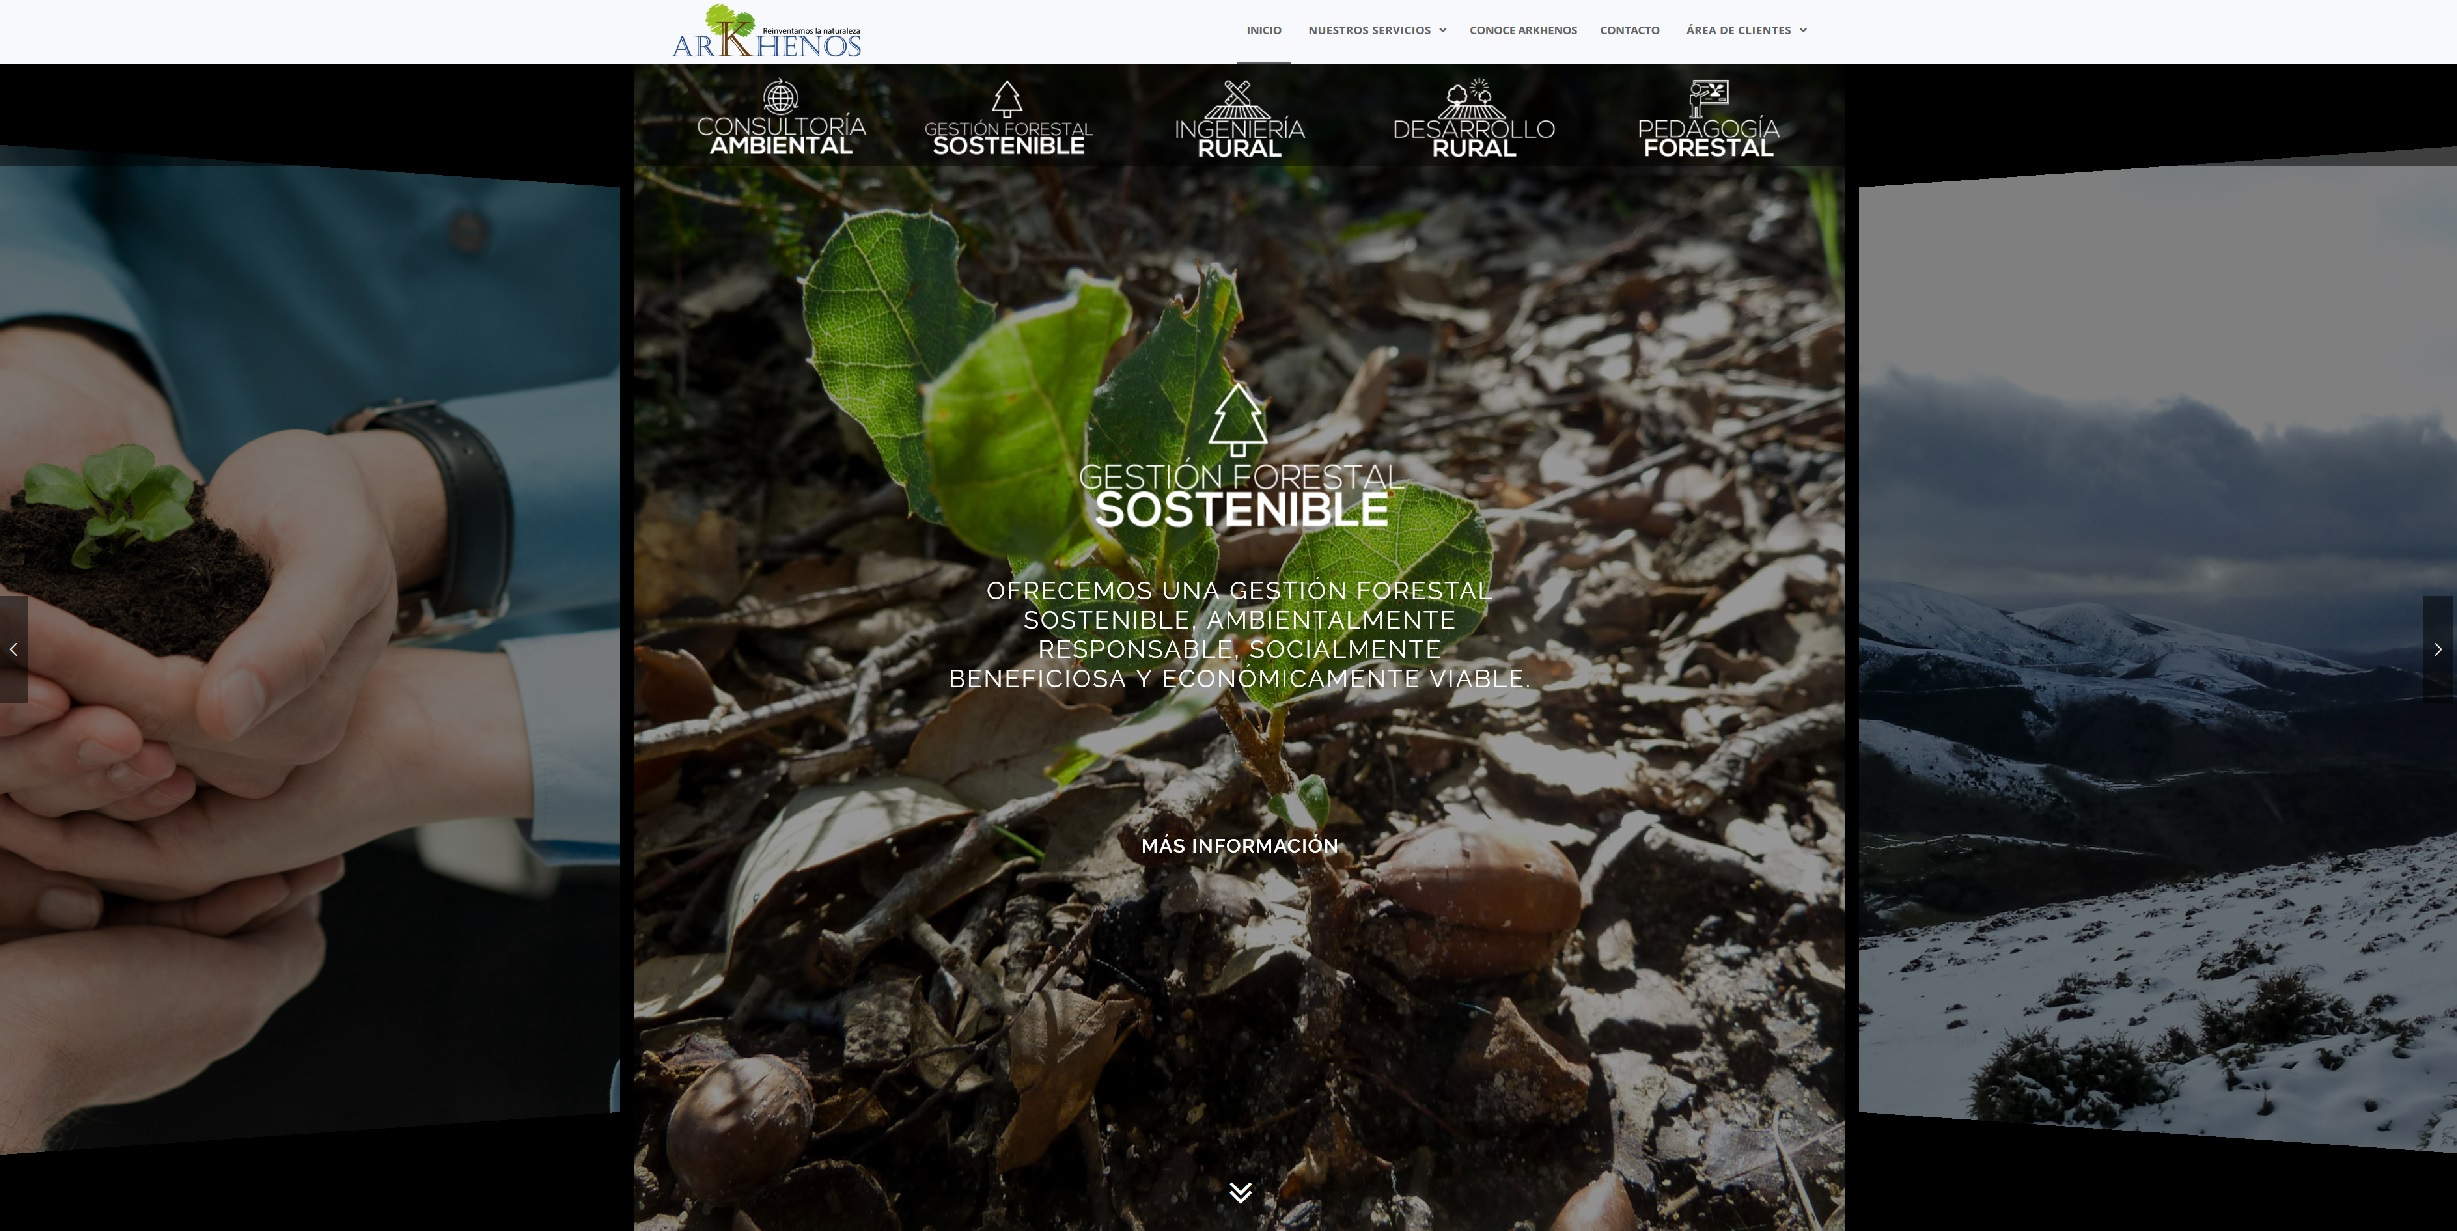 Diseño web para empresa  de Medio Ambiente Arkhenos